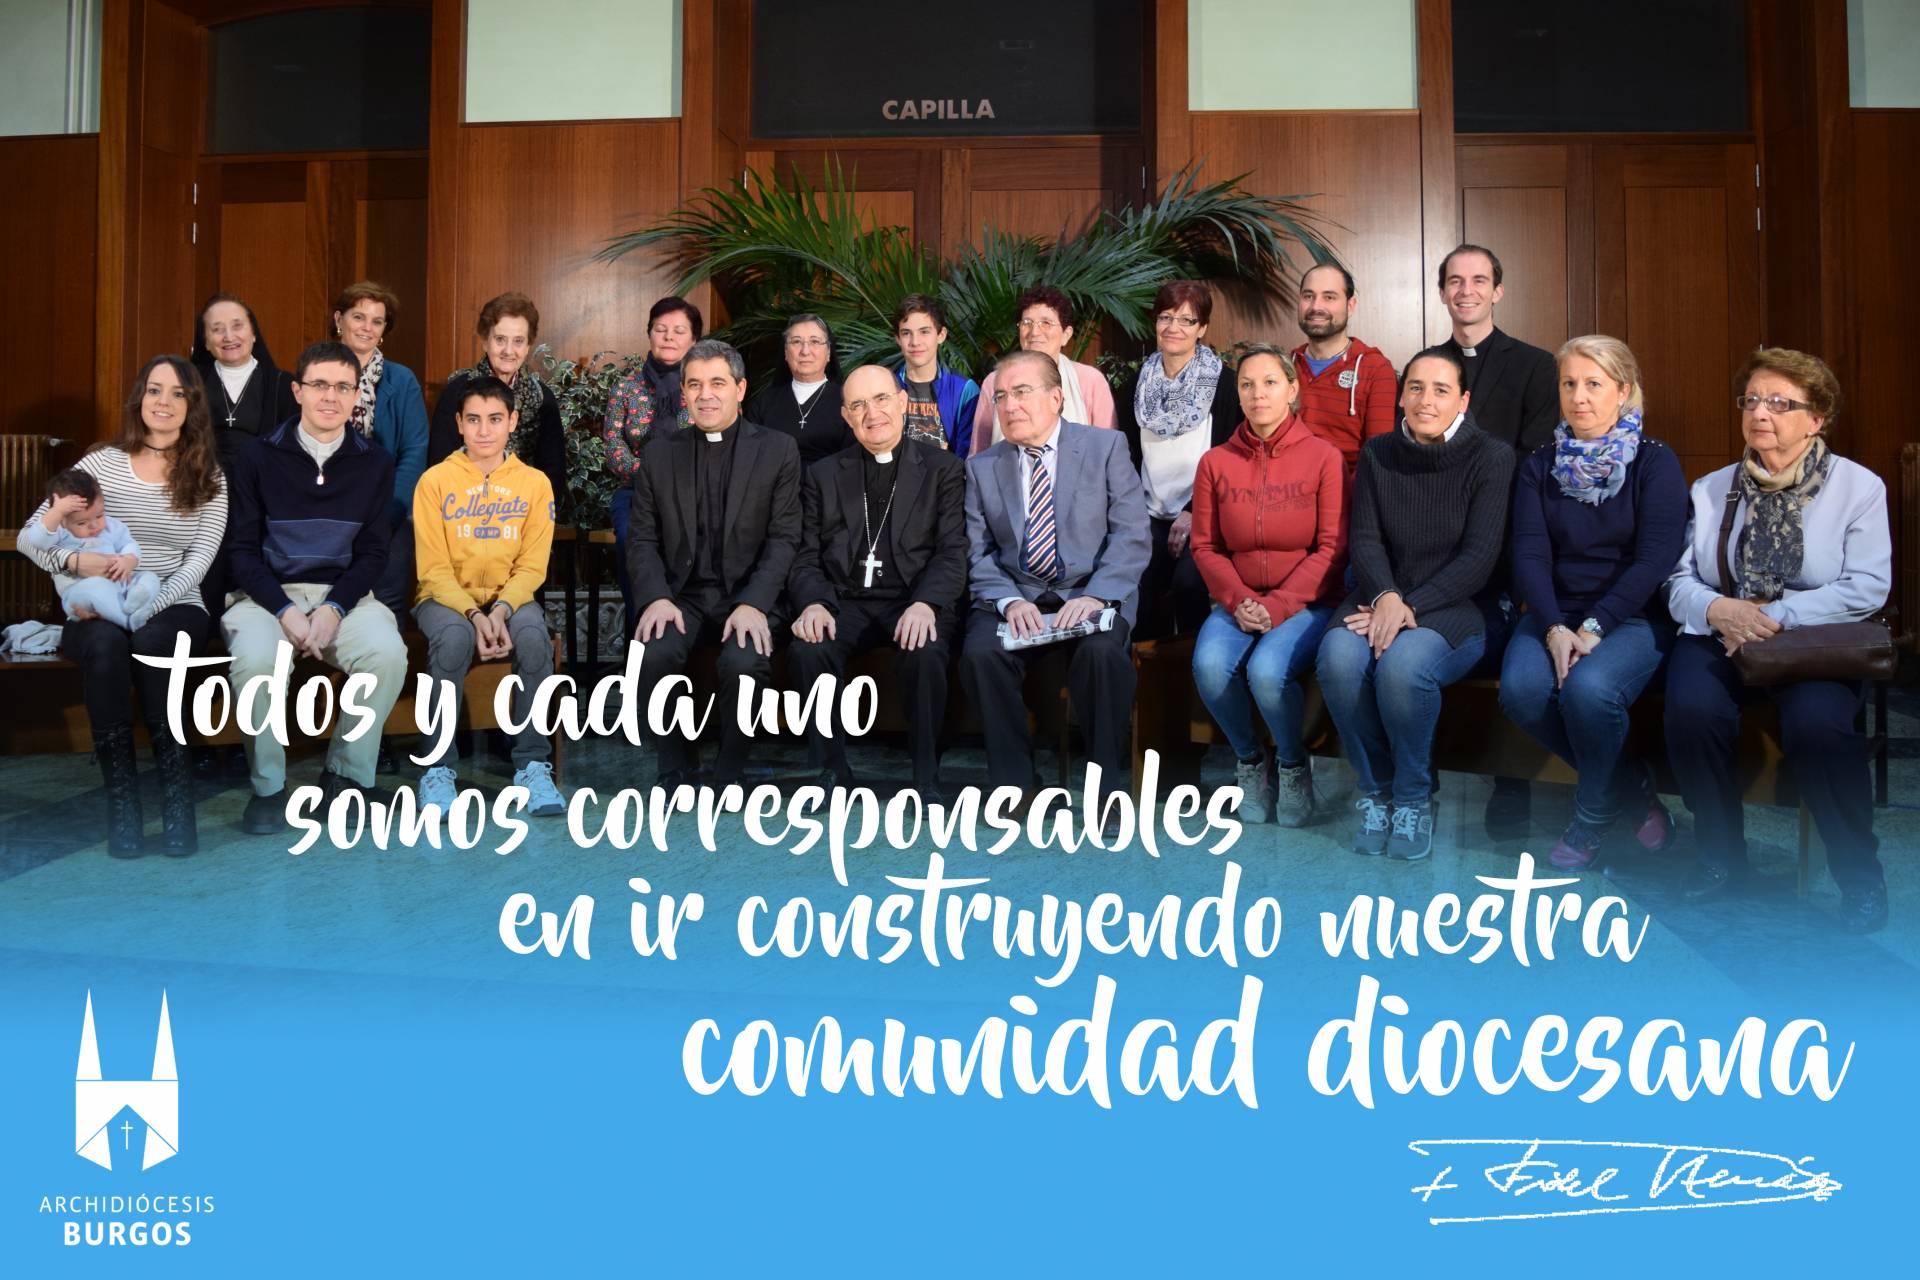 2017 11 12 imagen arzobispo iglesia diocesana